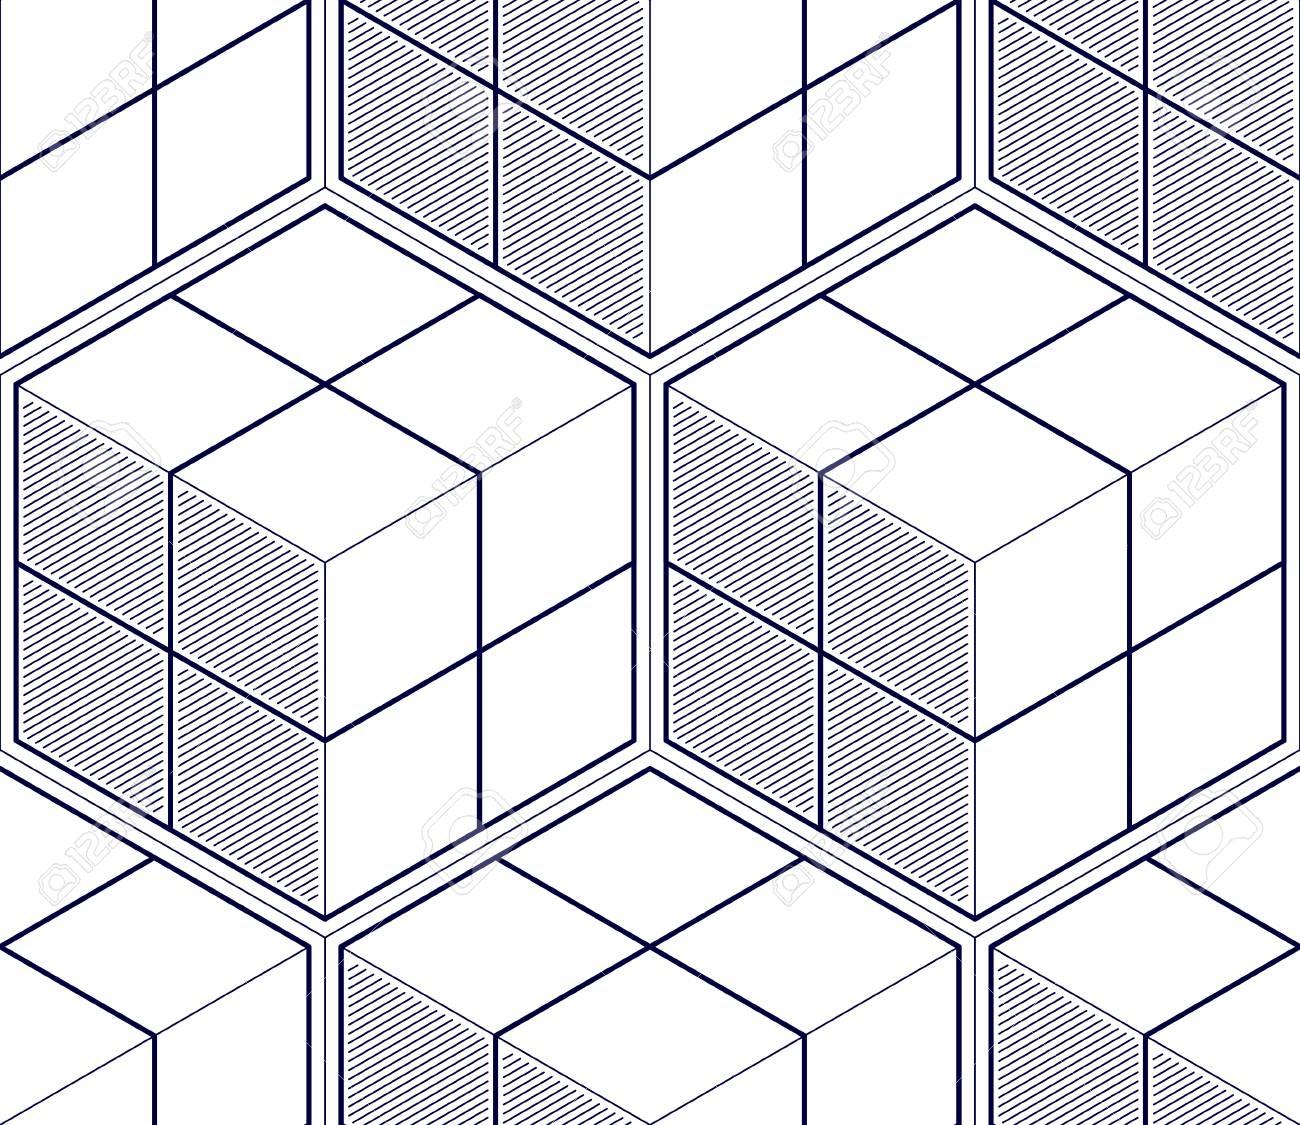 Los Cubos Geométricos Resumen El Modelo Inconsútil Fondo Del Vector